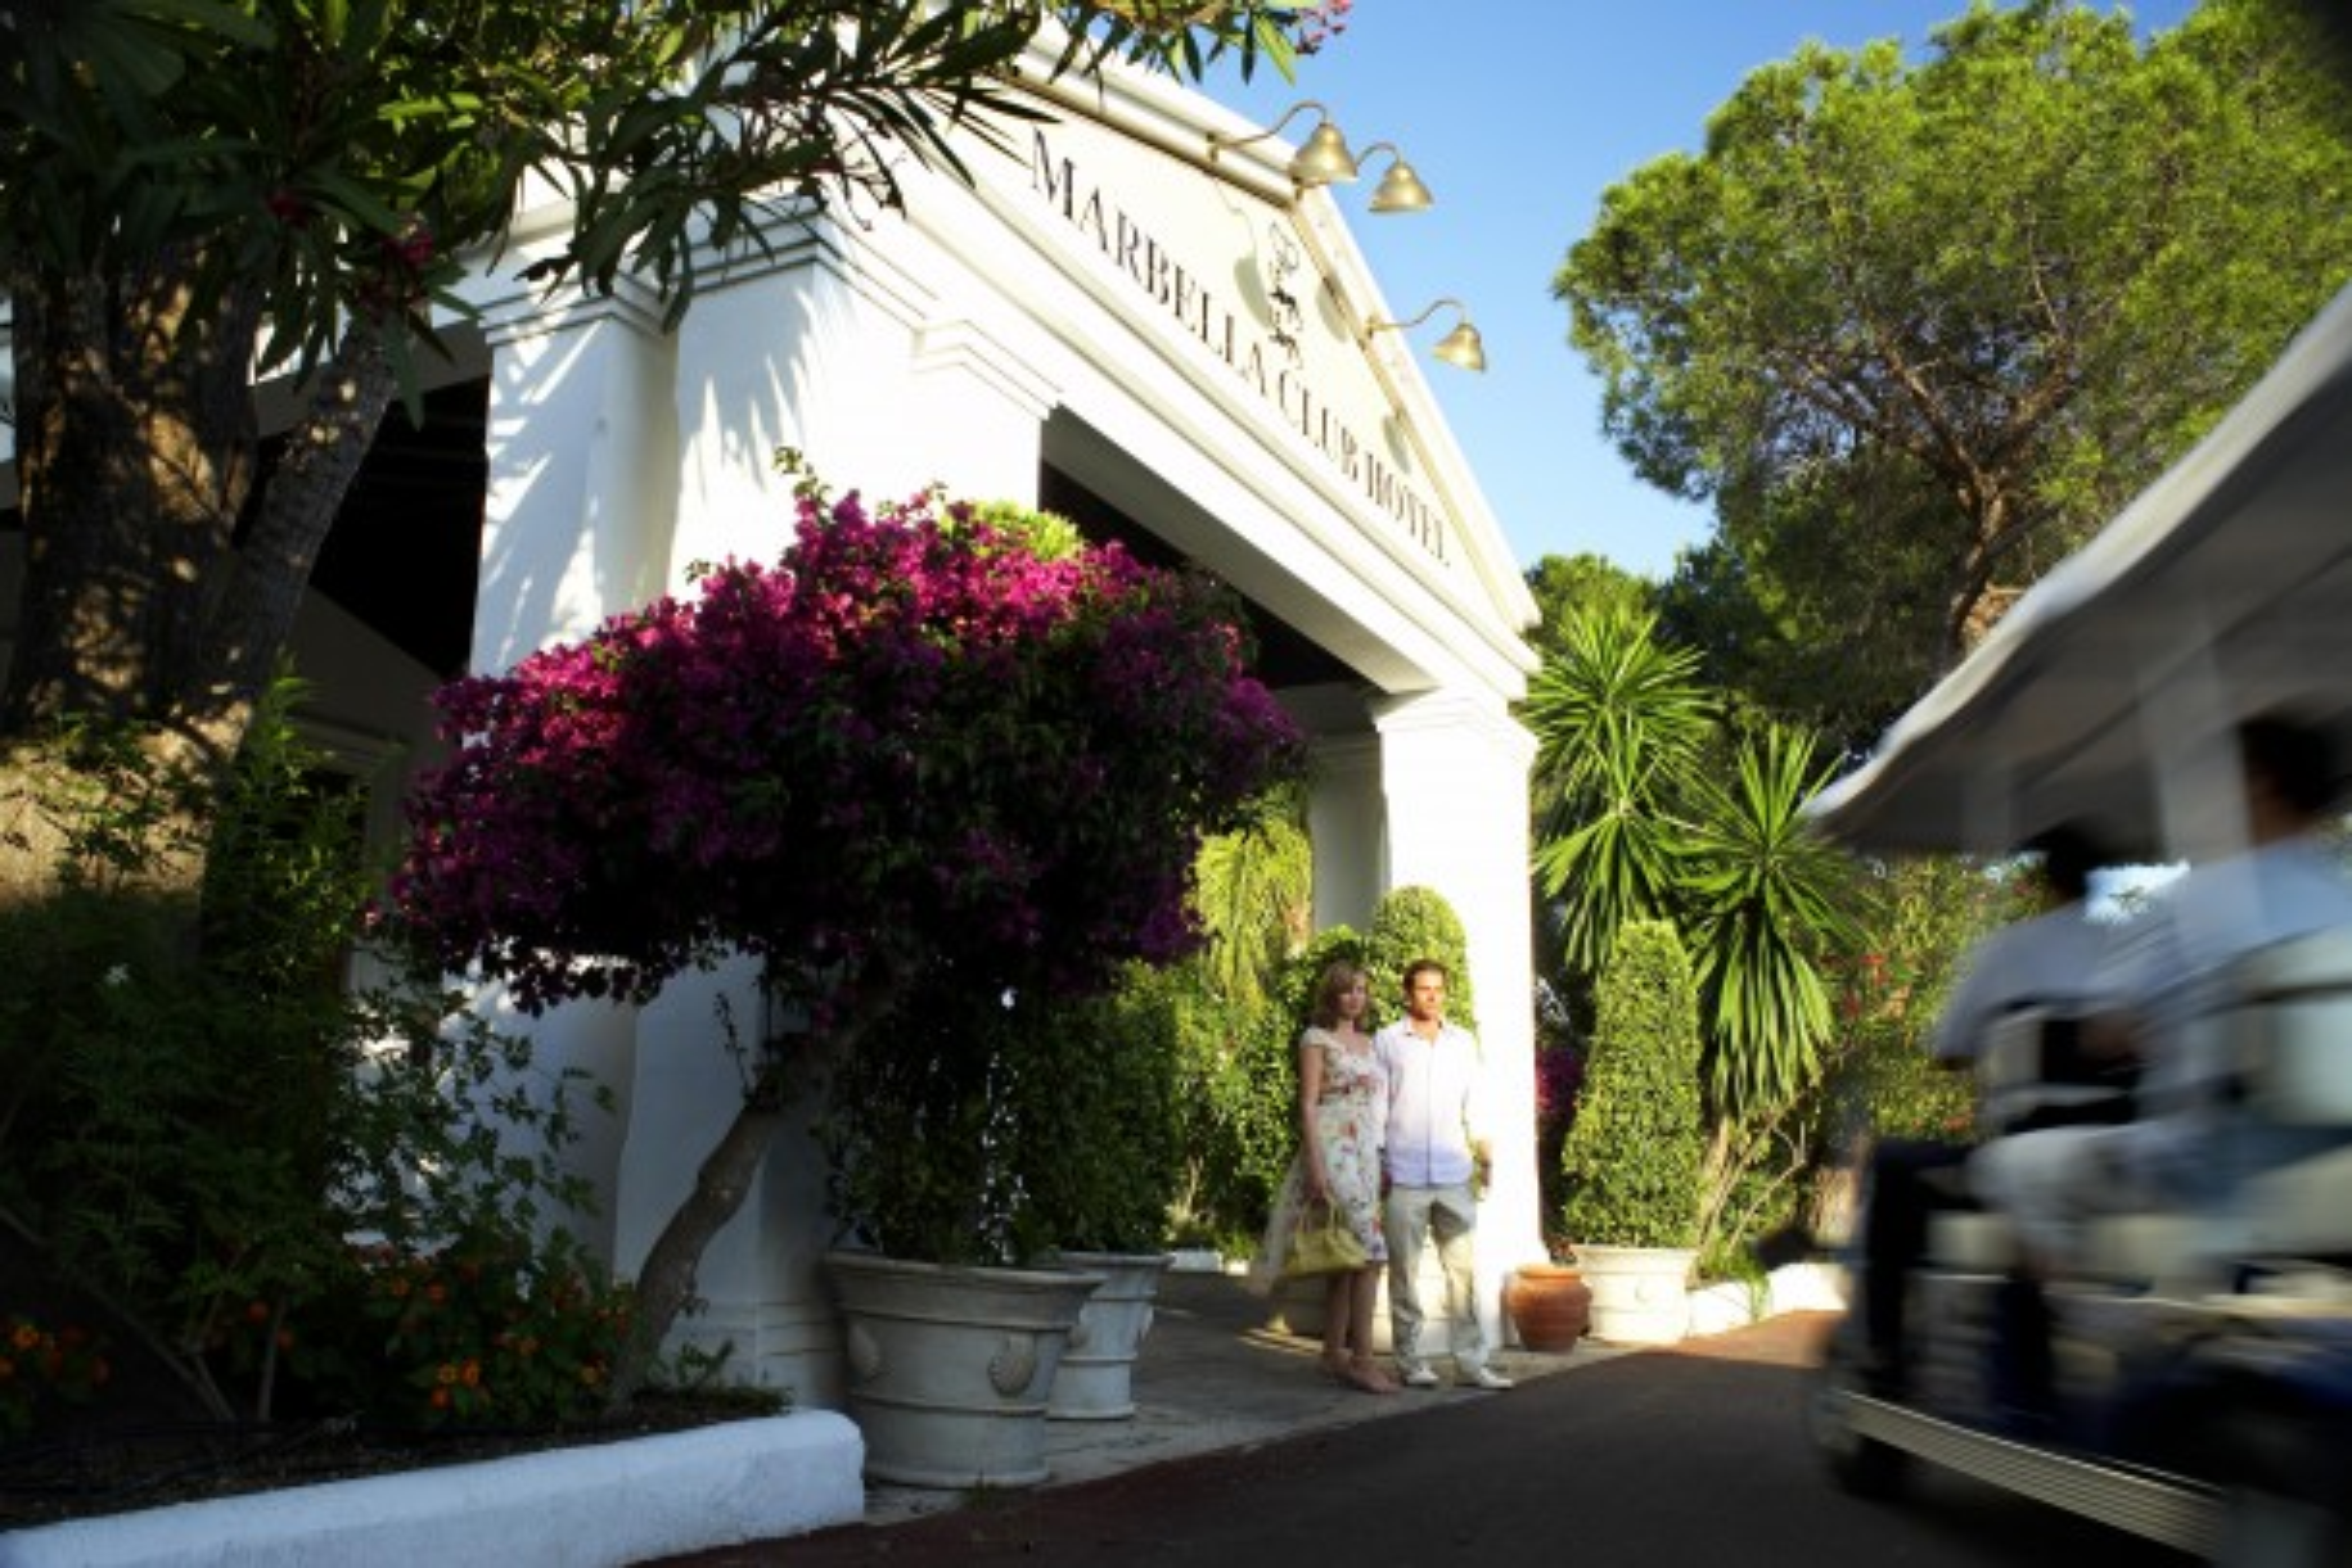 Marbella Club Hotel Entrance